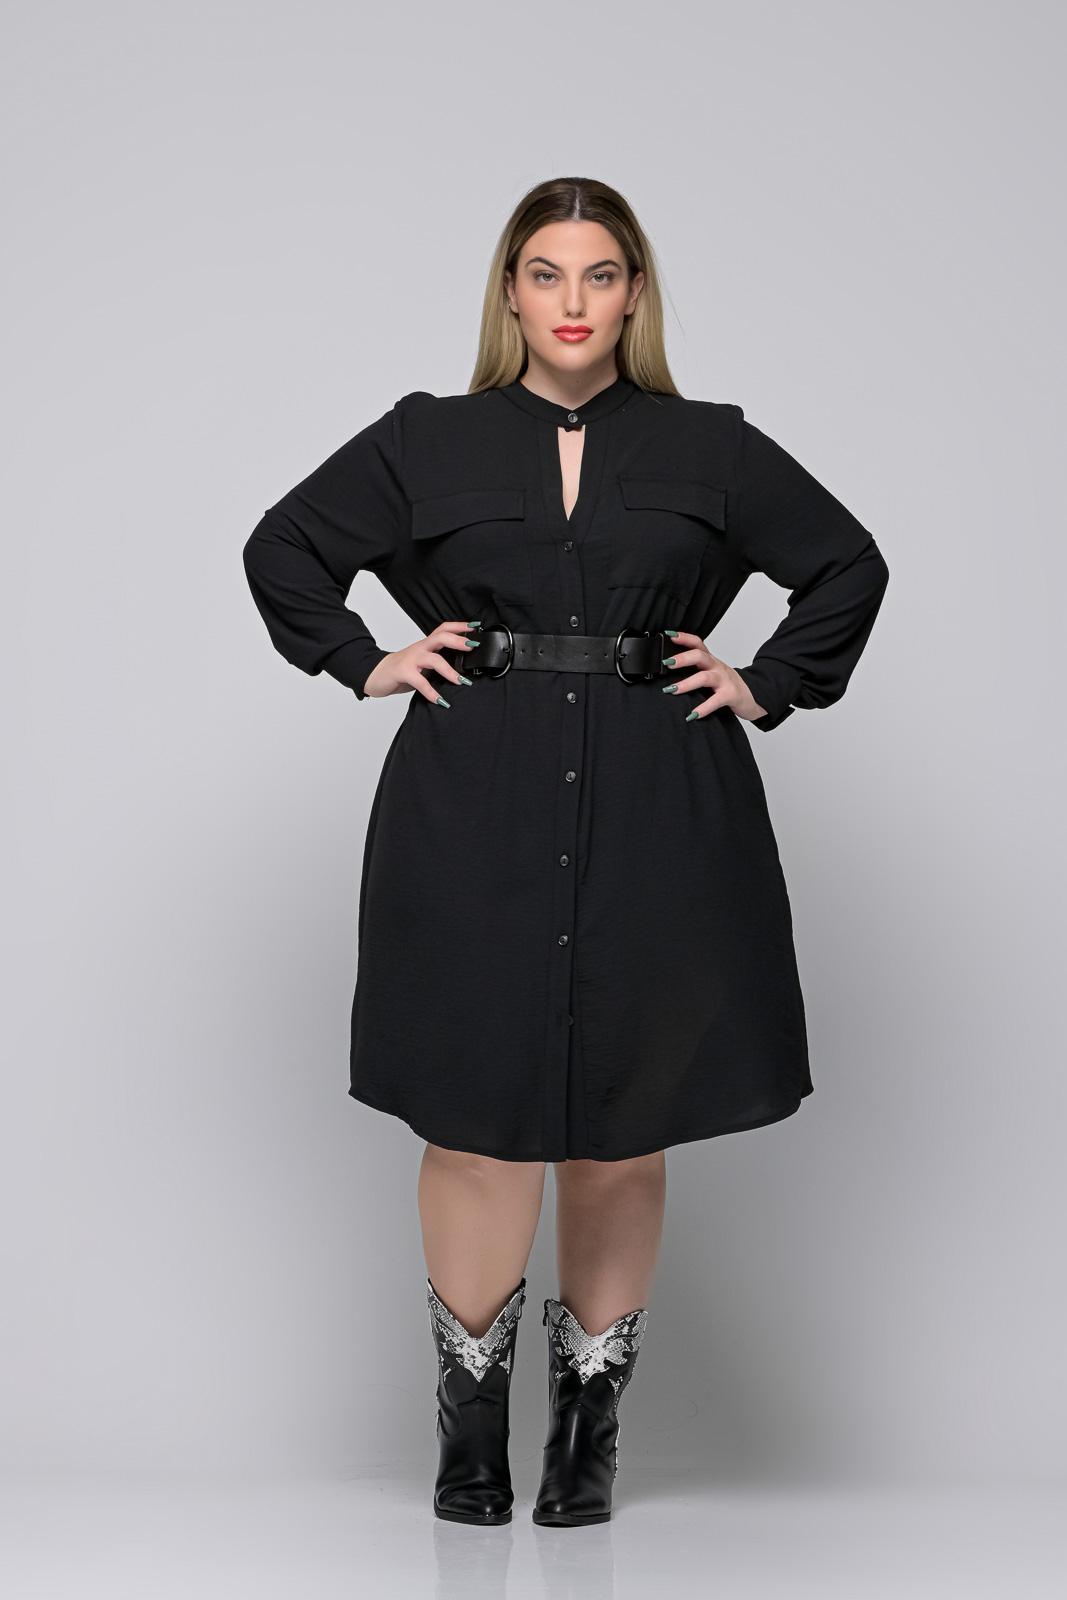 Ζώνη μεγάλα μεγέθη λάστιχο με δερματίνη και ανθρακί κούμπωμα .Στο eshop μας θα βρείτε οικονομικά γυναίκεια ρούχα σε μεγάλα μεγέθη και υπερμεγέθη.